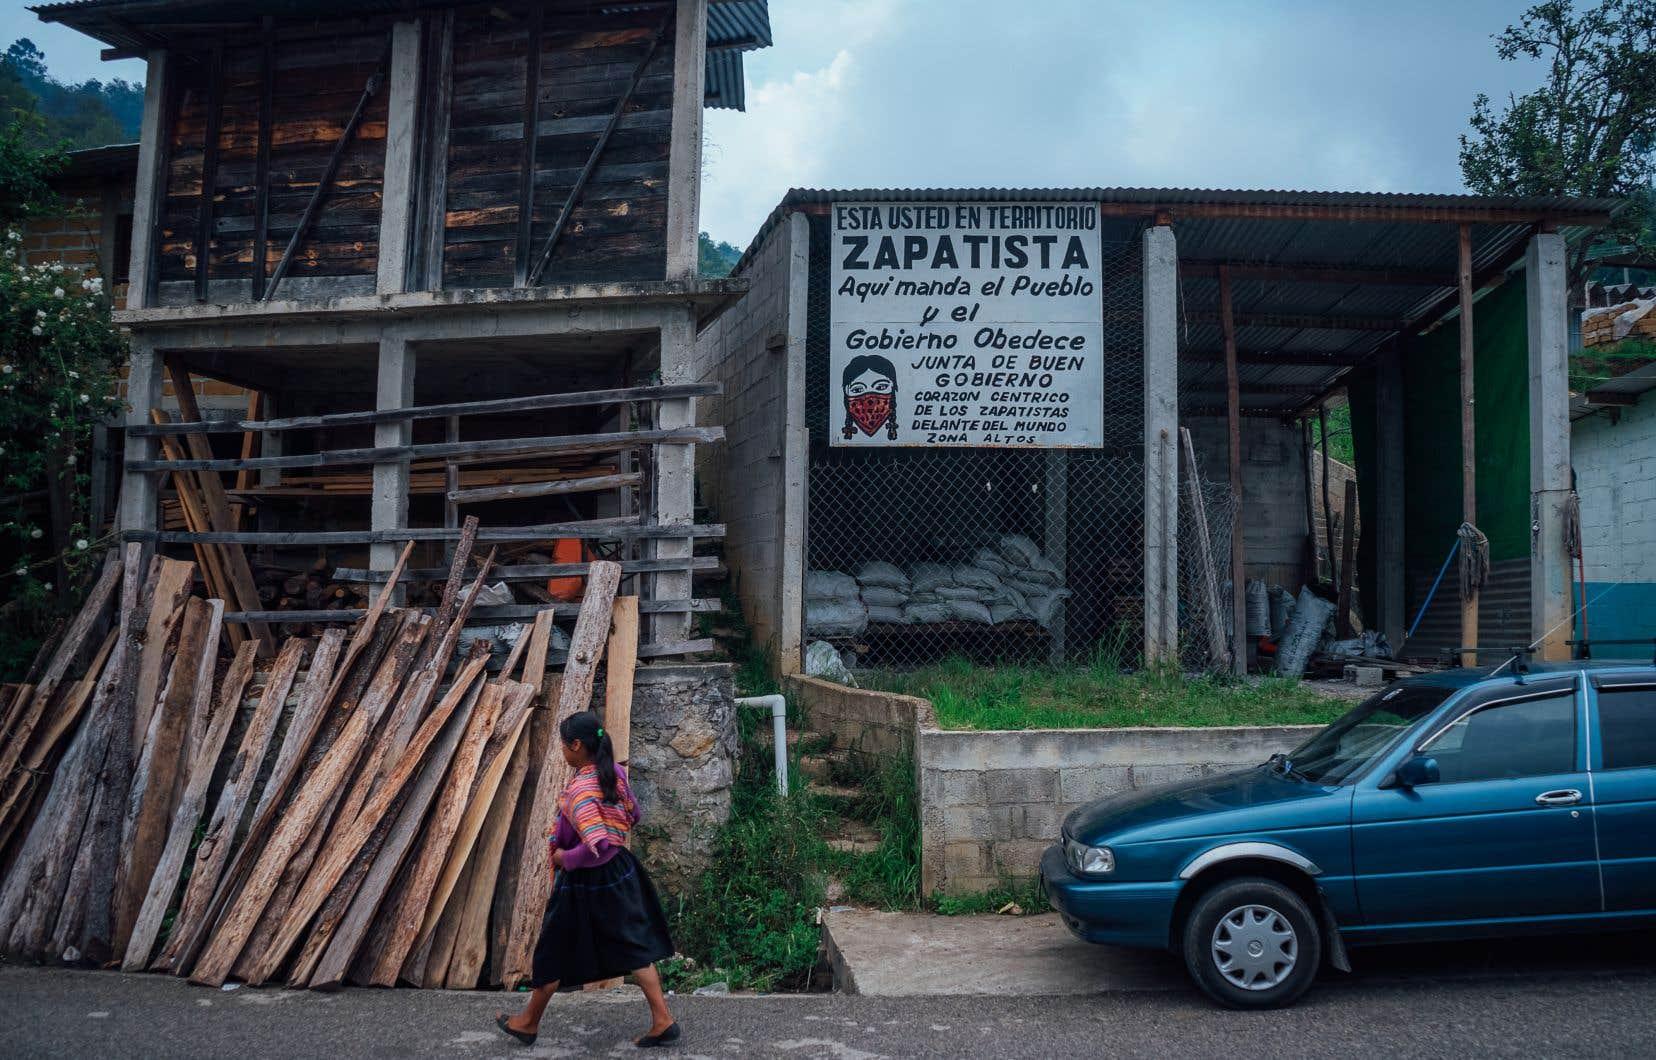 Le zapatisme, parfois appelé néozapatisme et dont le nom fait référence à Emiliano Zapata (1879-1919), prône un mode de vie qui va au-delà des moeurs politiques et sociales du pays.